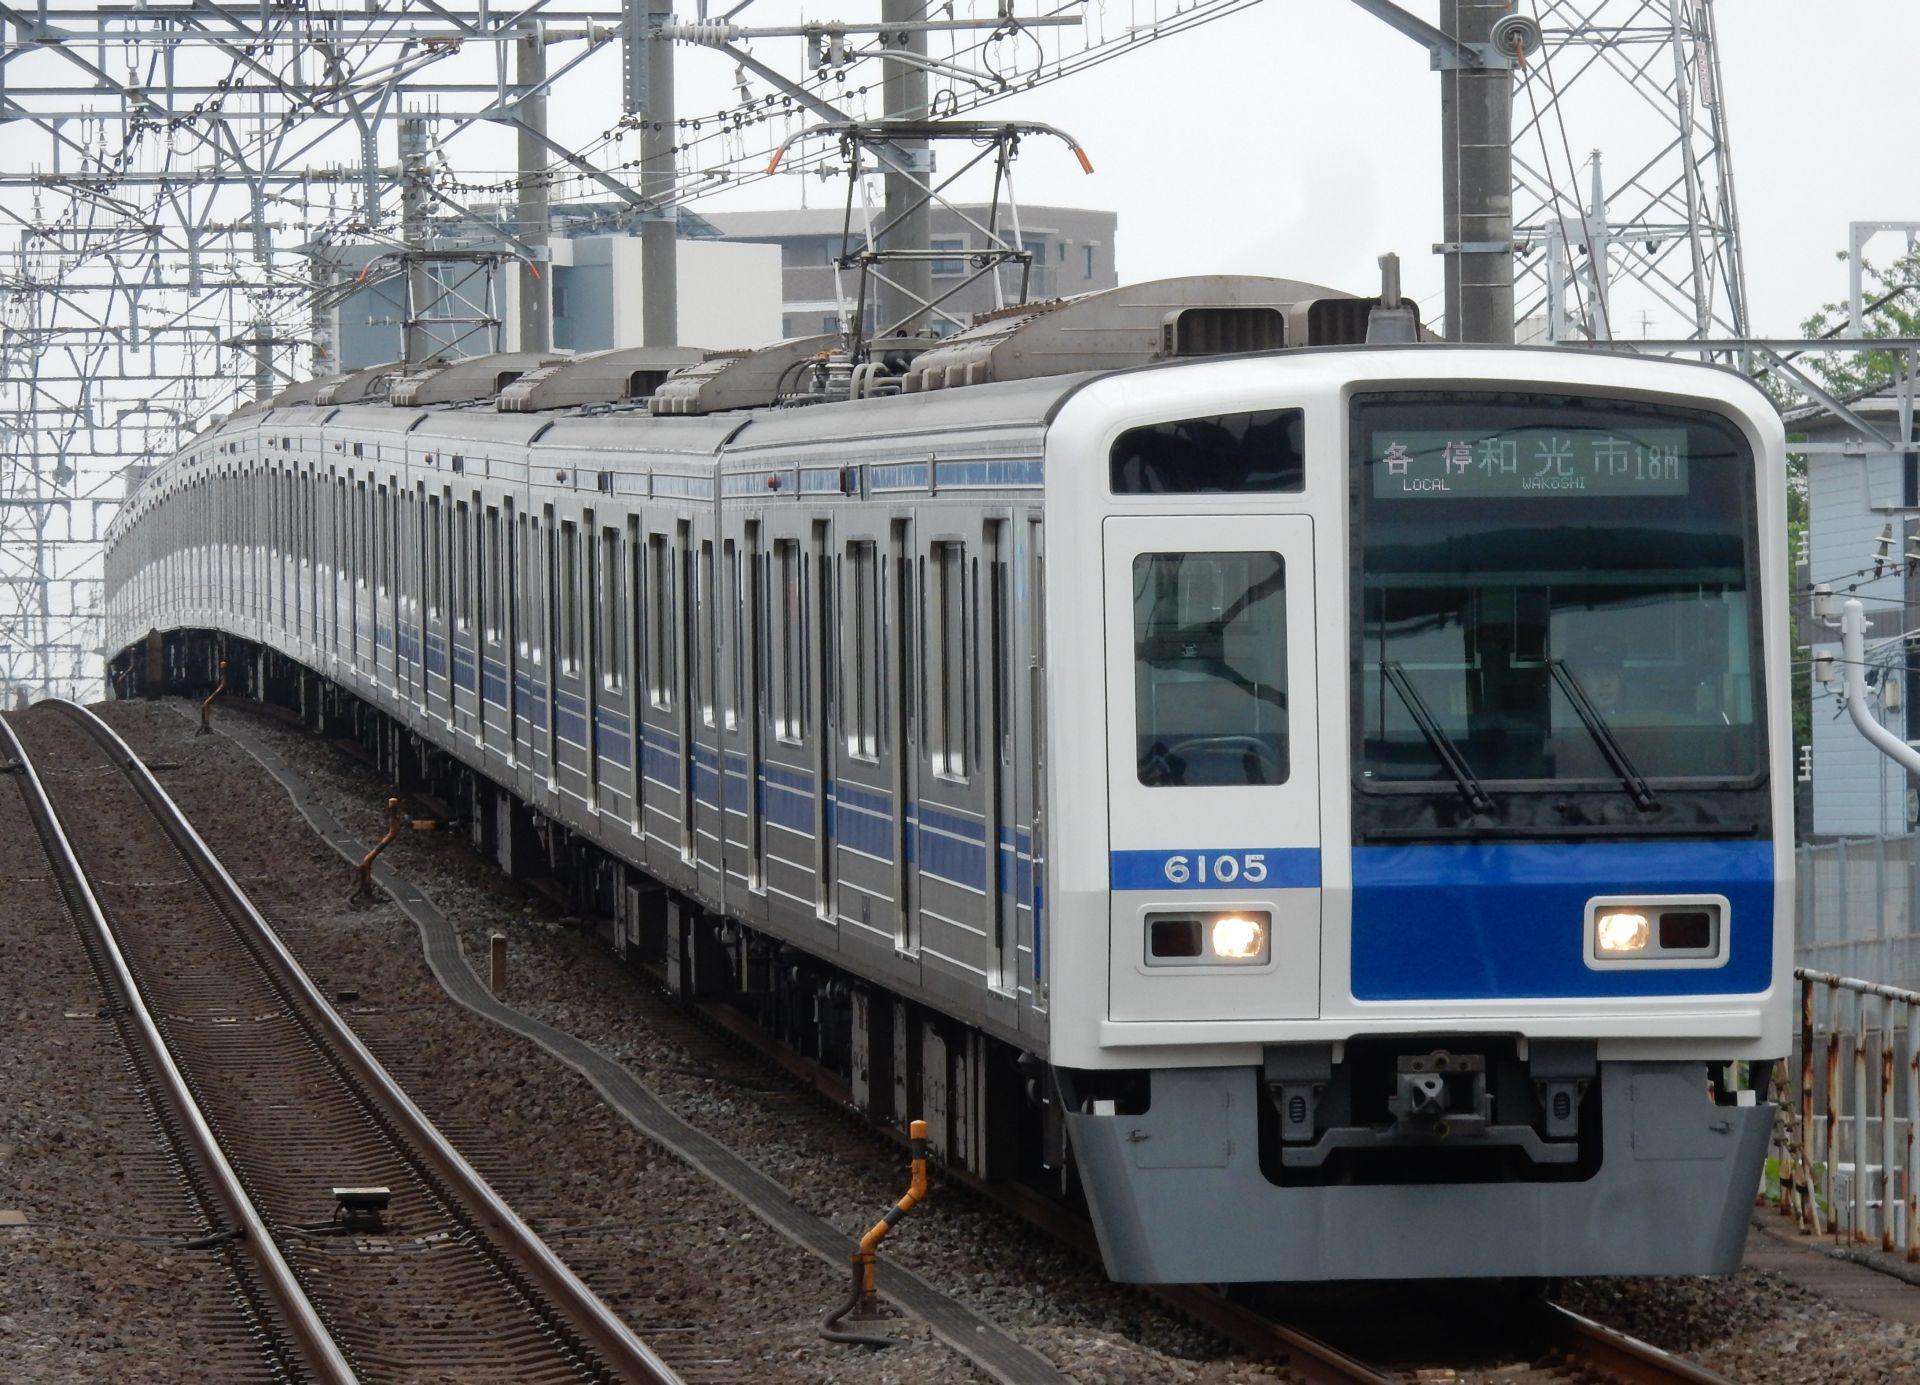 DSCN8760 - コピー